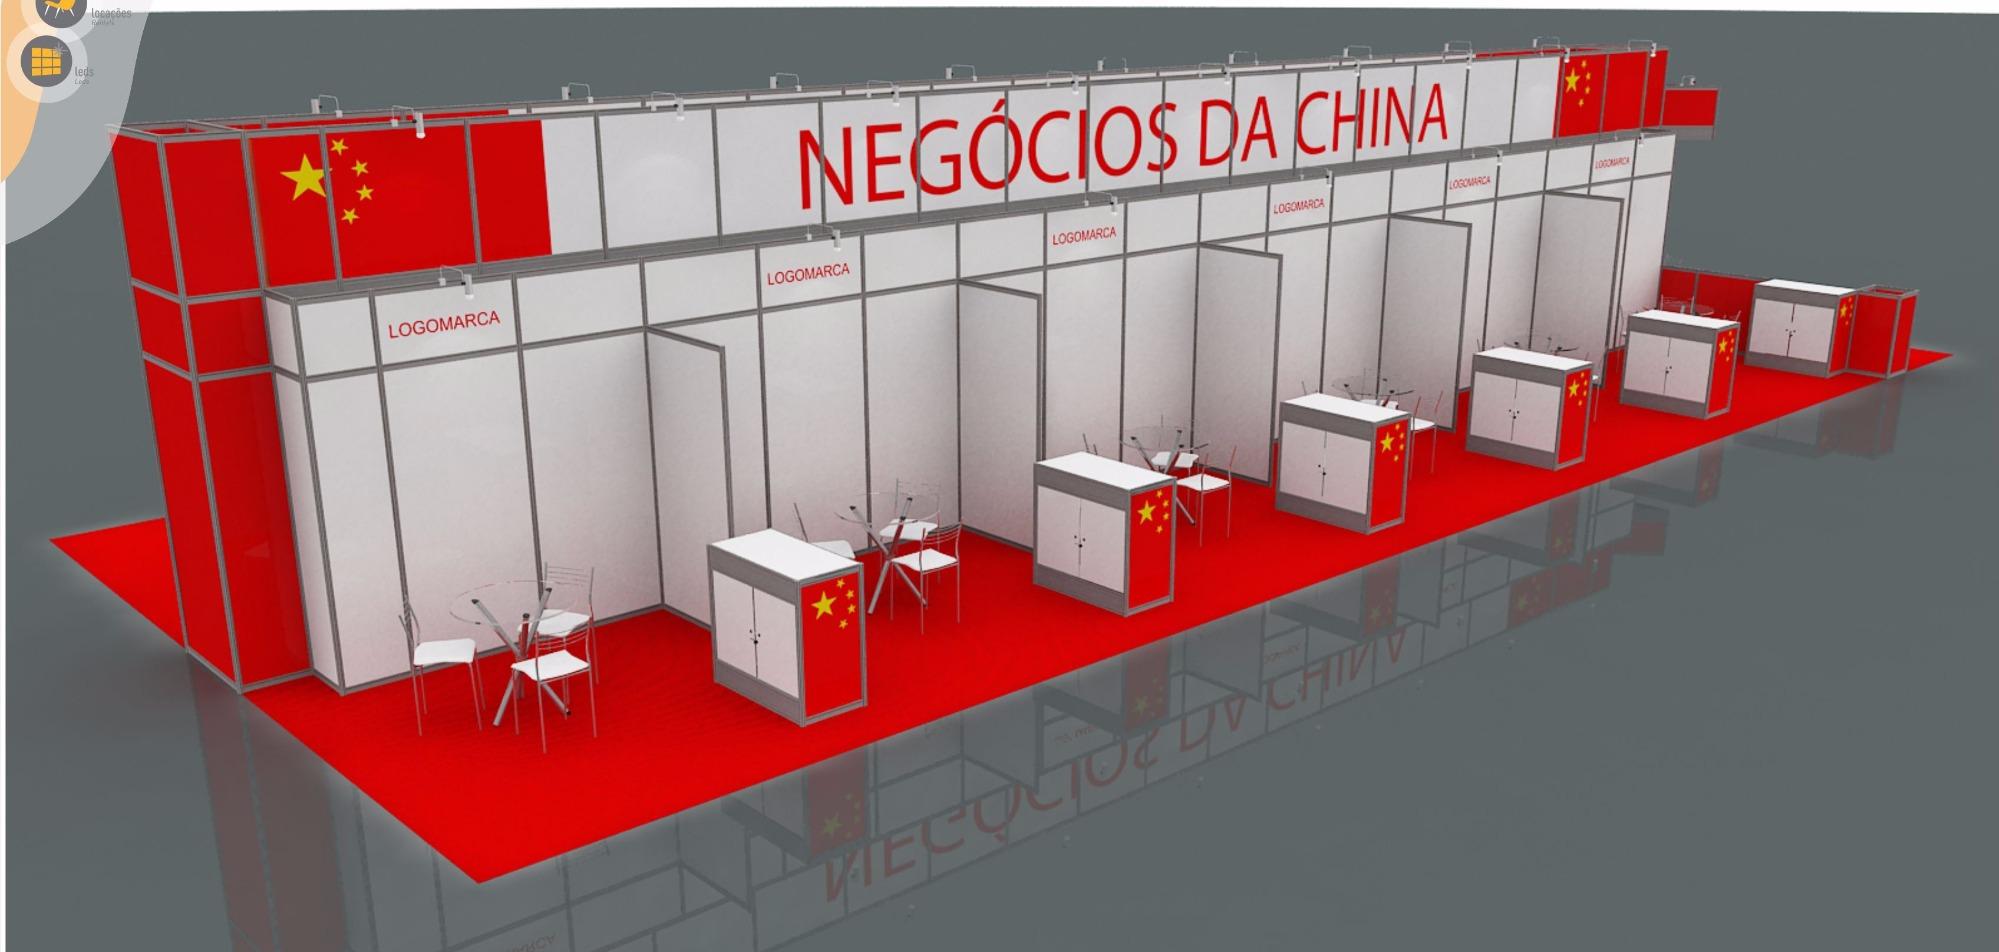 Líder em compras de produtos brasileiros, China terá pavilhão de negócios na AveSui